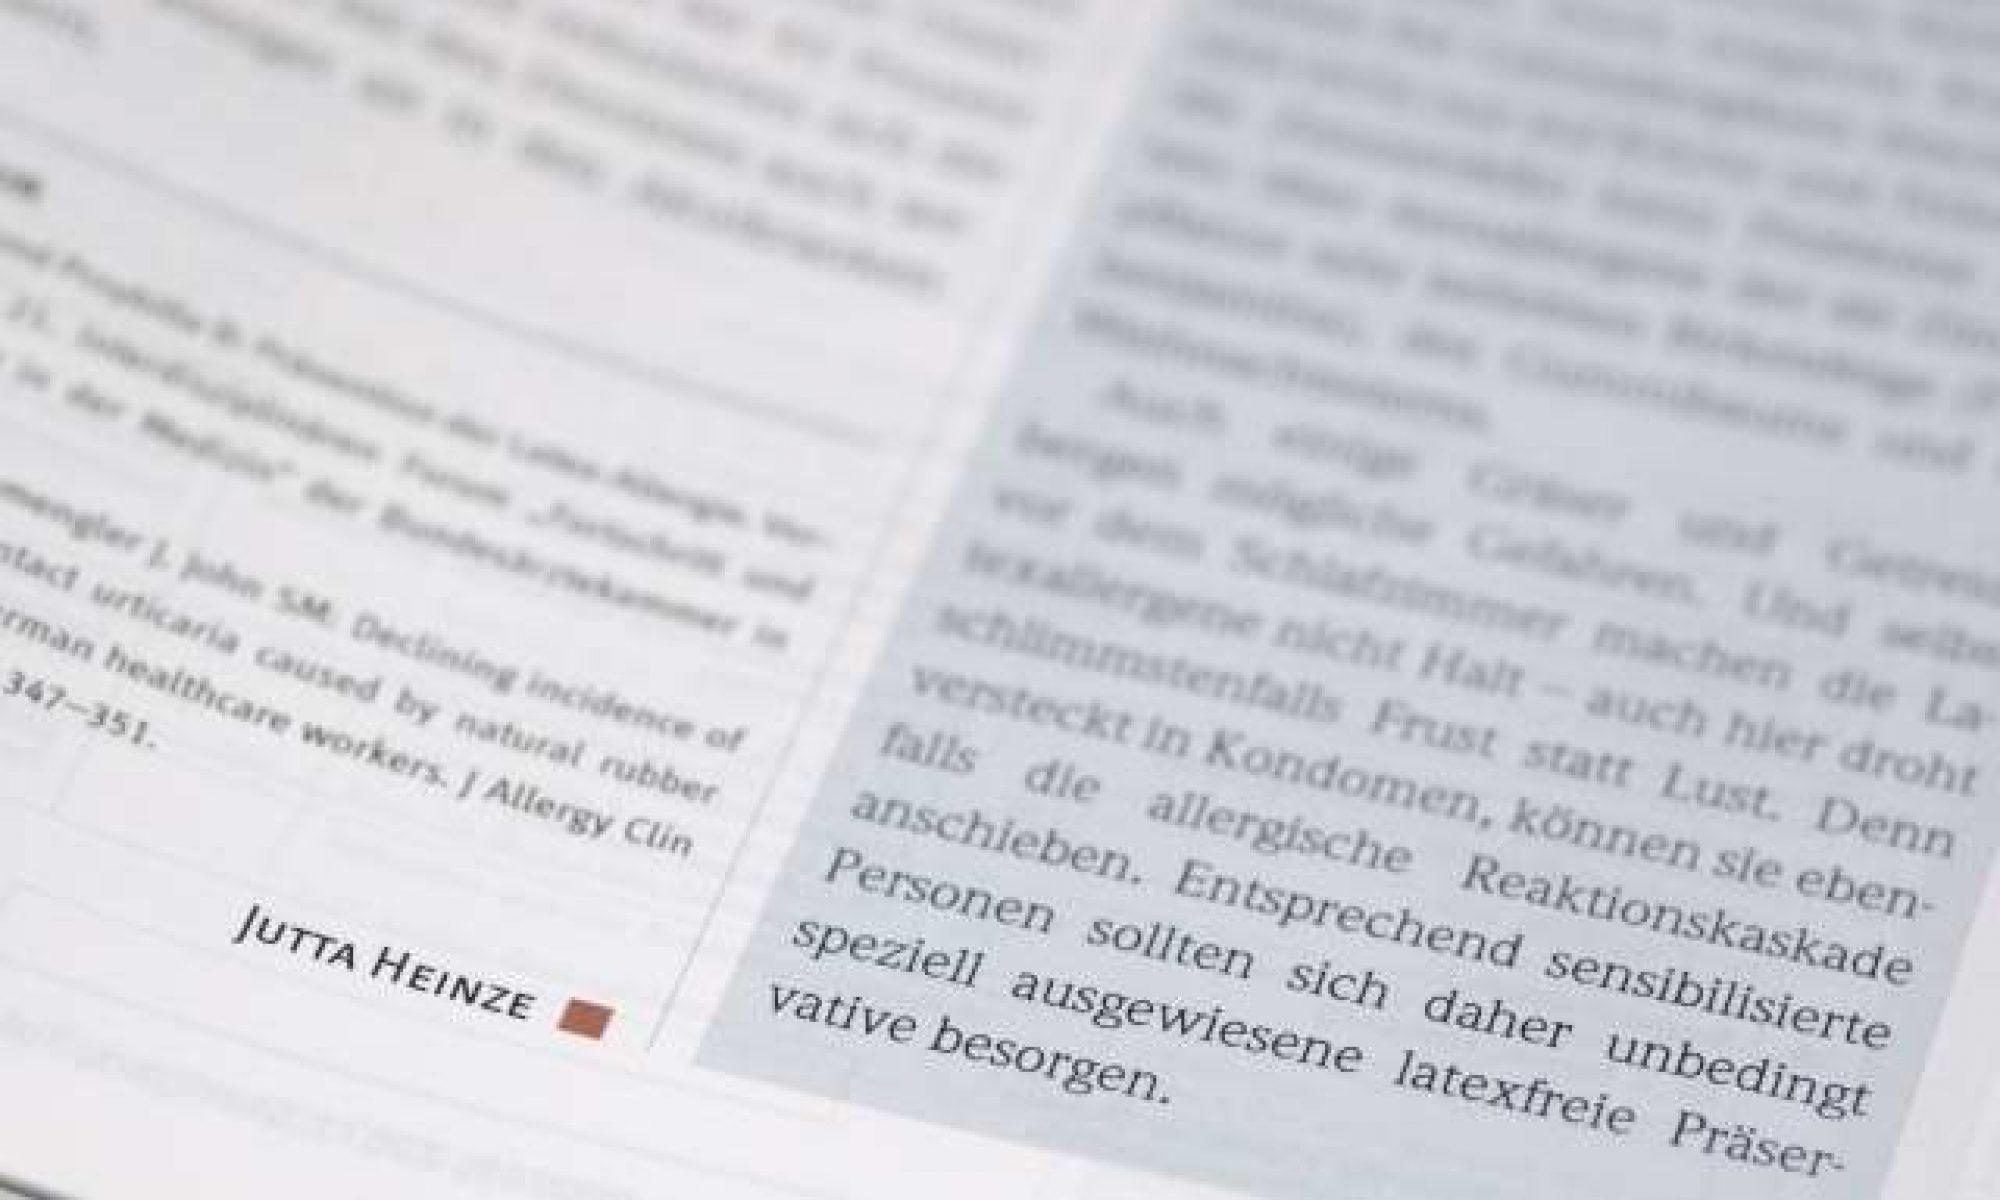 Heinze Textredaktion